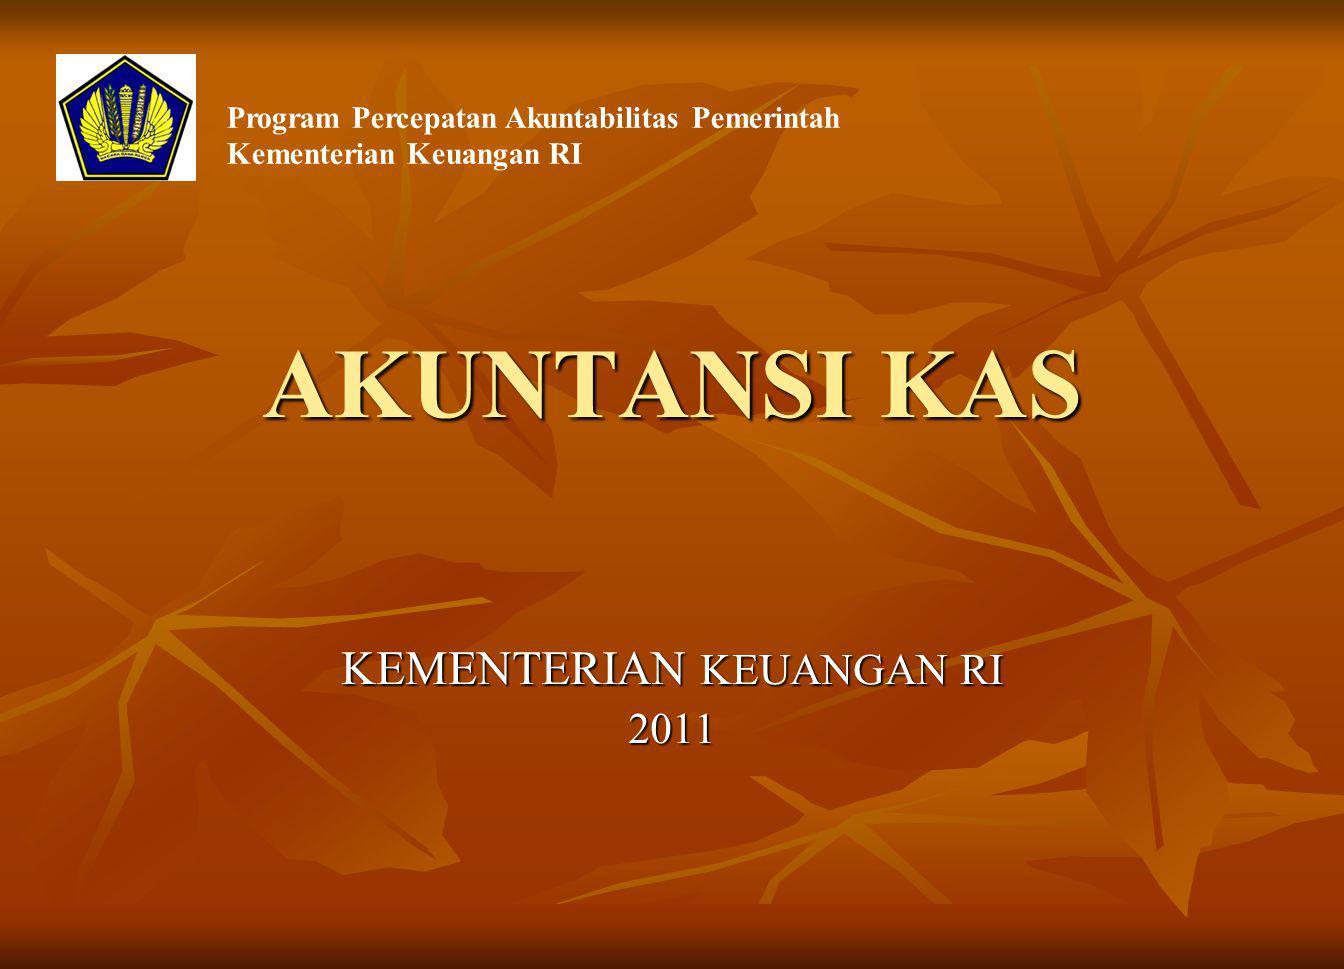 AKUNTANSI KAS KEMENTERIAN KEUANGAN RI 2011 Program Percepatan Akuntabilitas Pemerintah Kementerian Keuangan RI